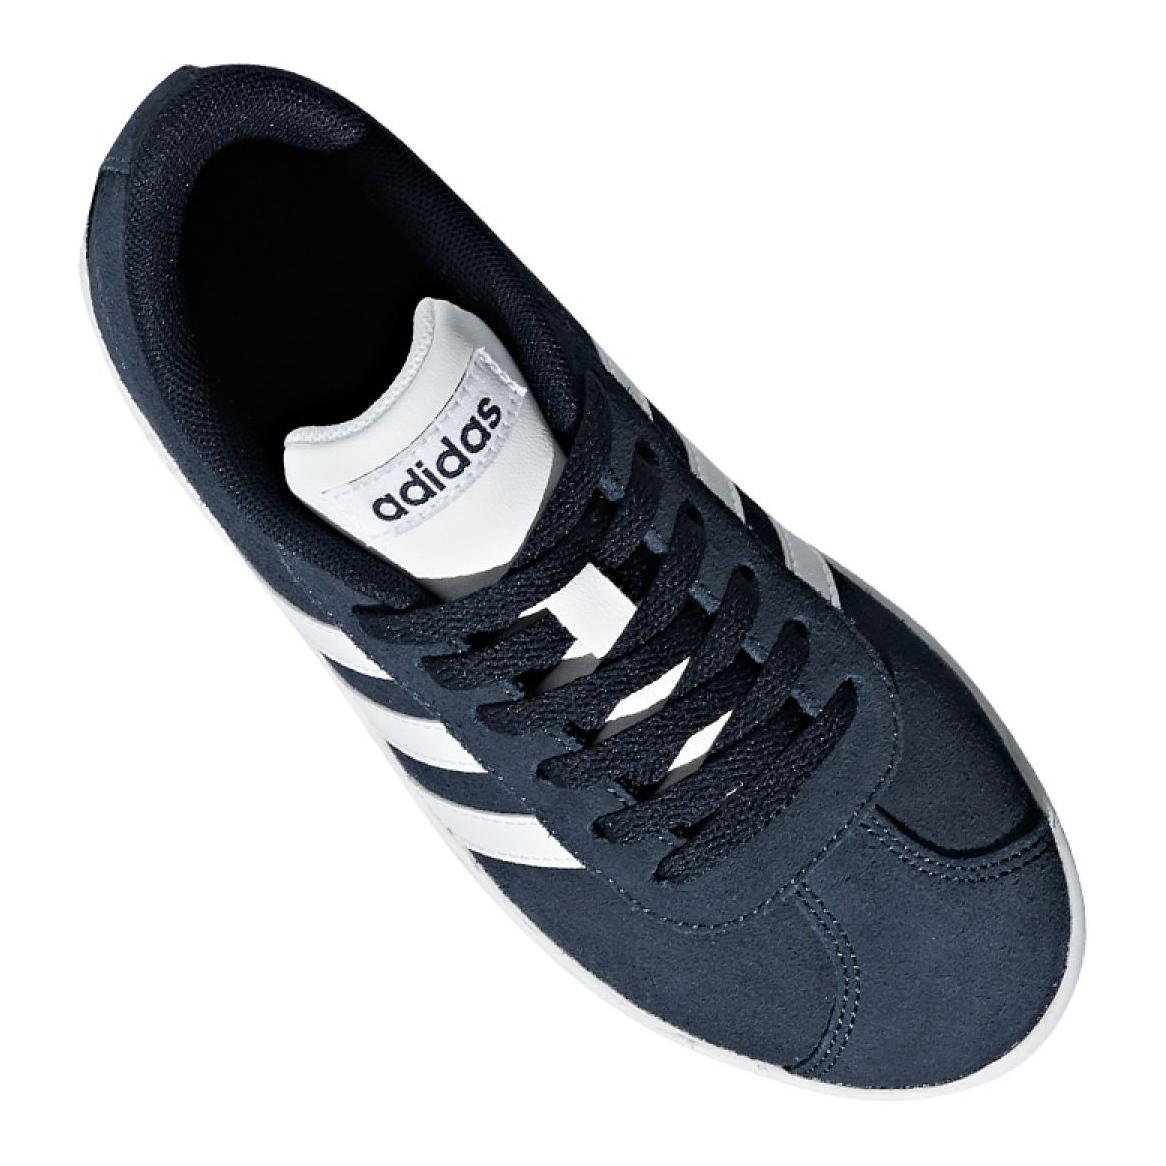 ADIDAS I 5923 W BB6865   Grau   84,99 ?   Sneaker   ? ?